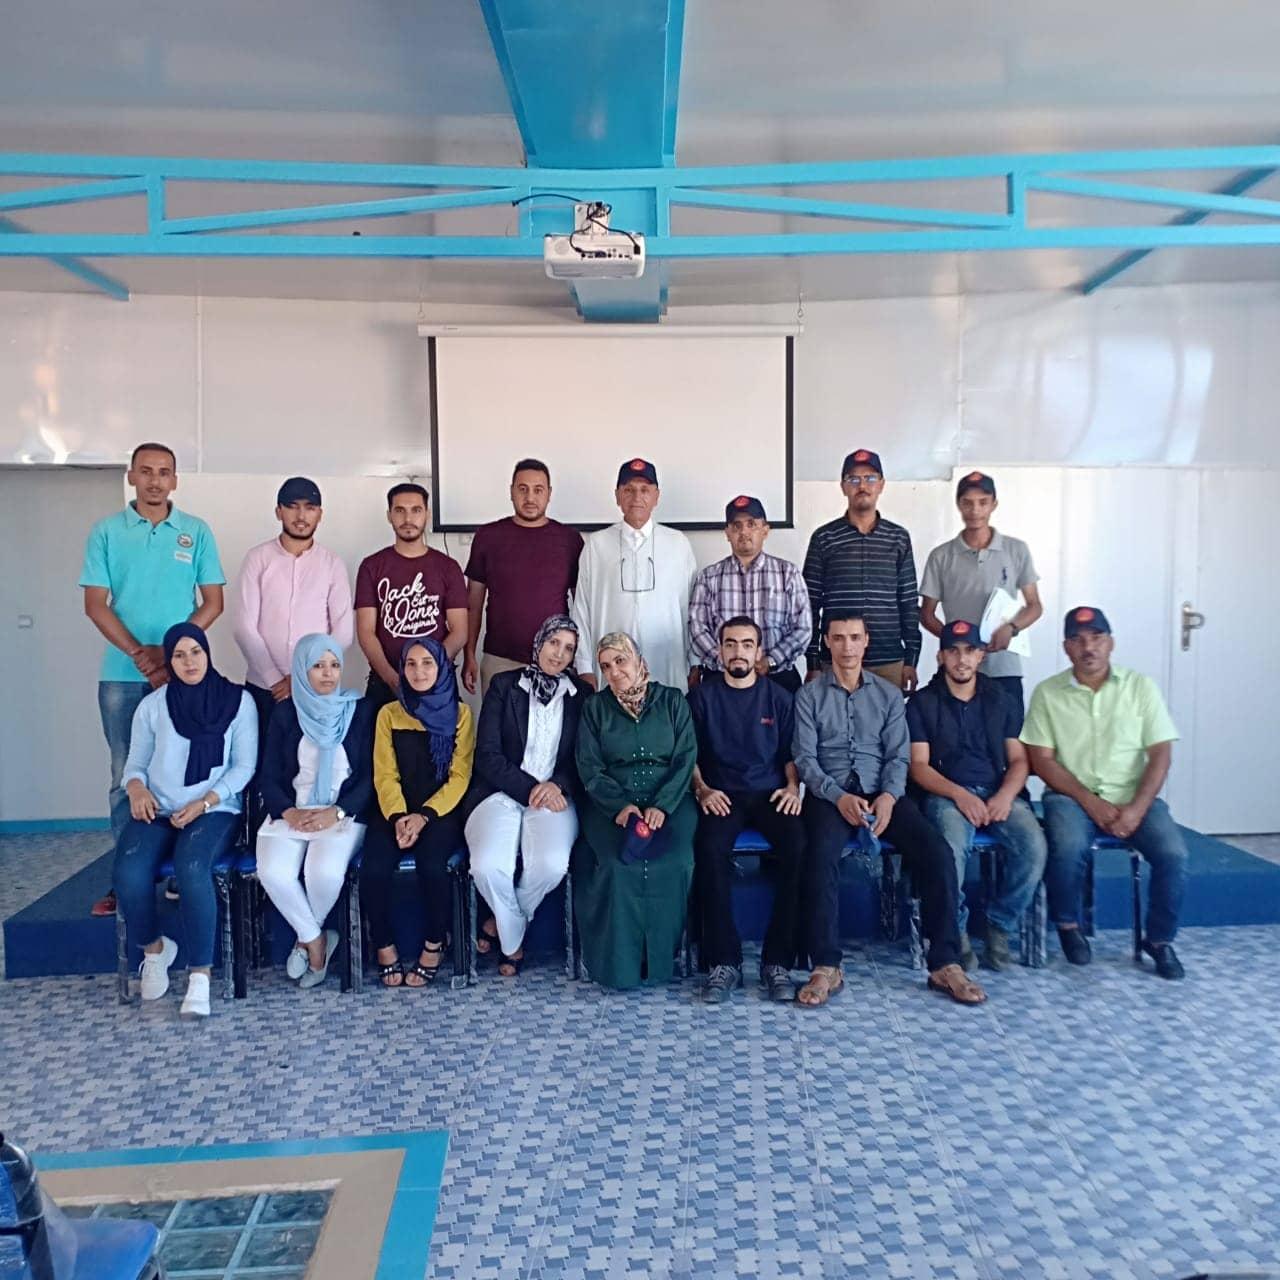 الجمعية المغربية للإغاثة المدنية تؤسس فرعها بتيزنيت